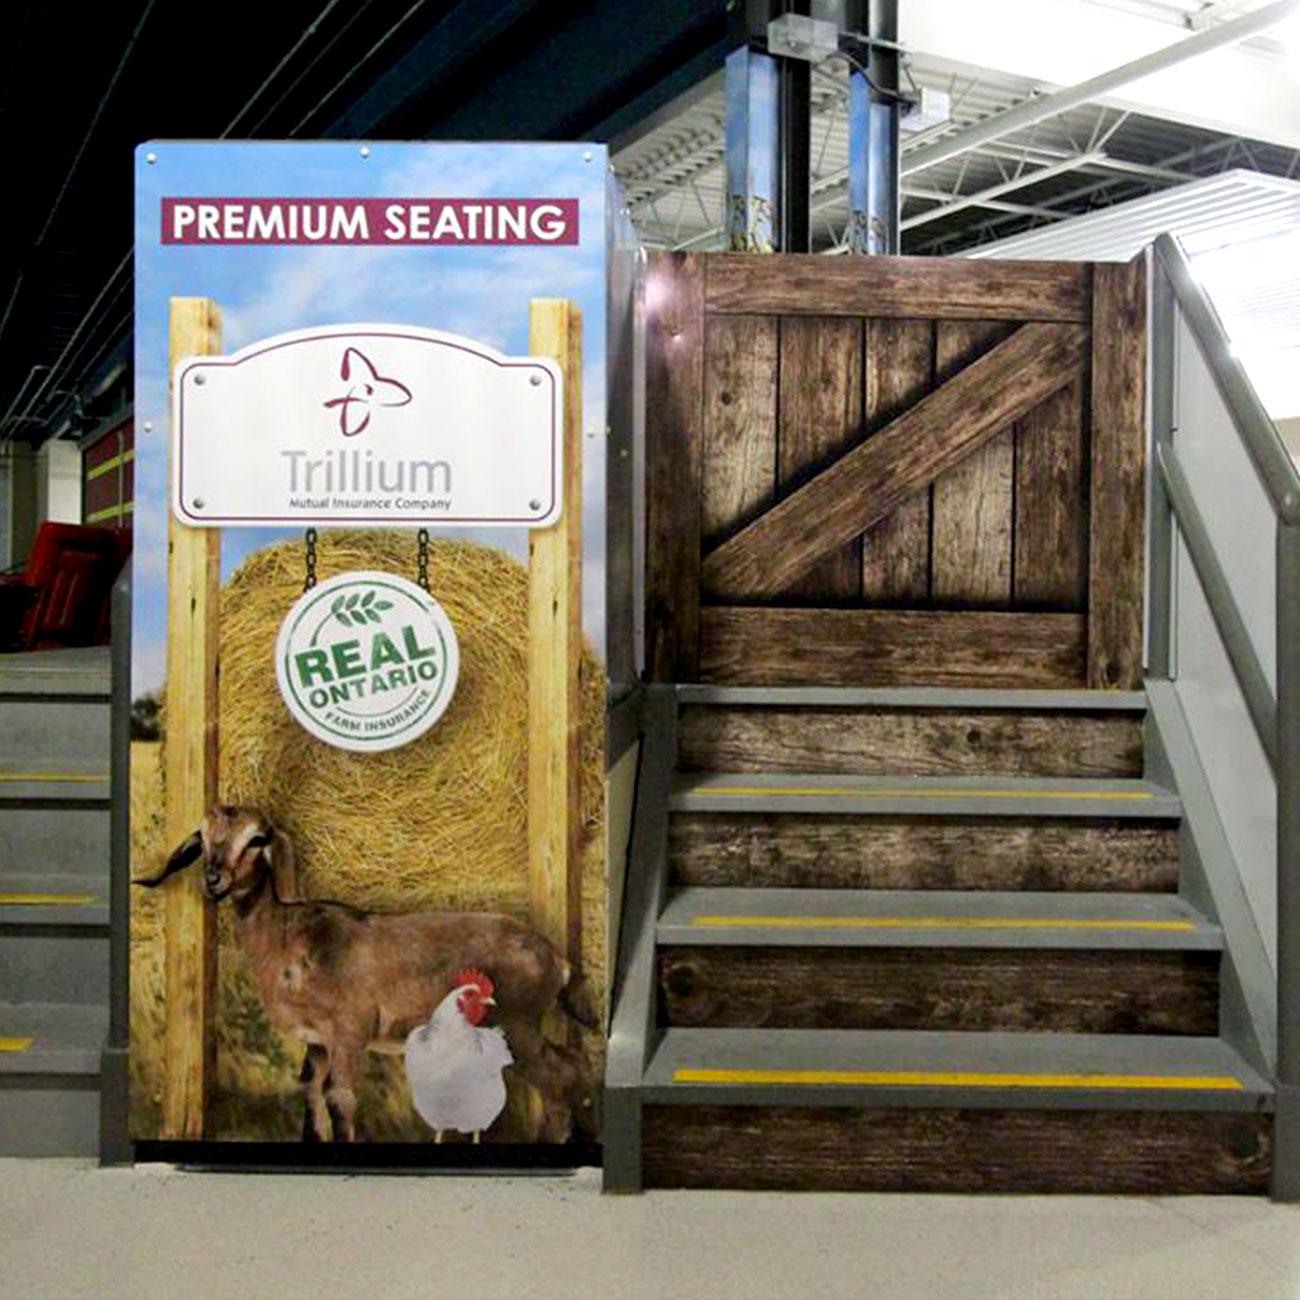 Trillium premium seating